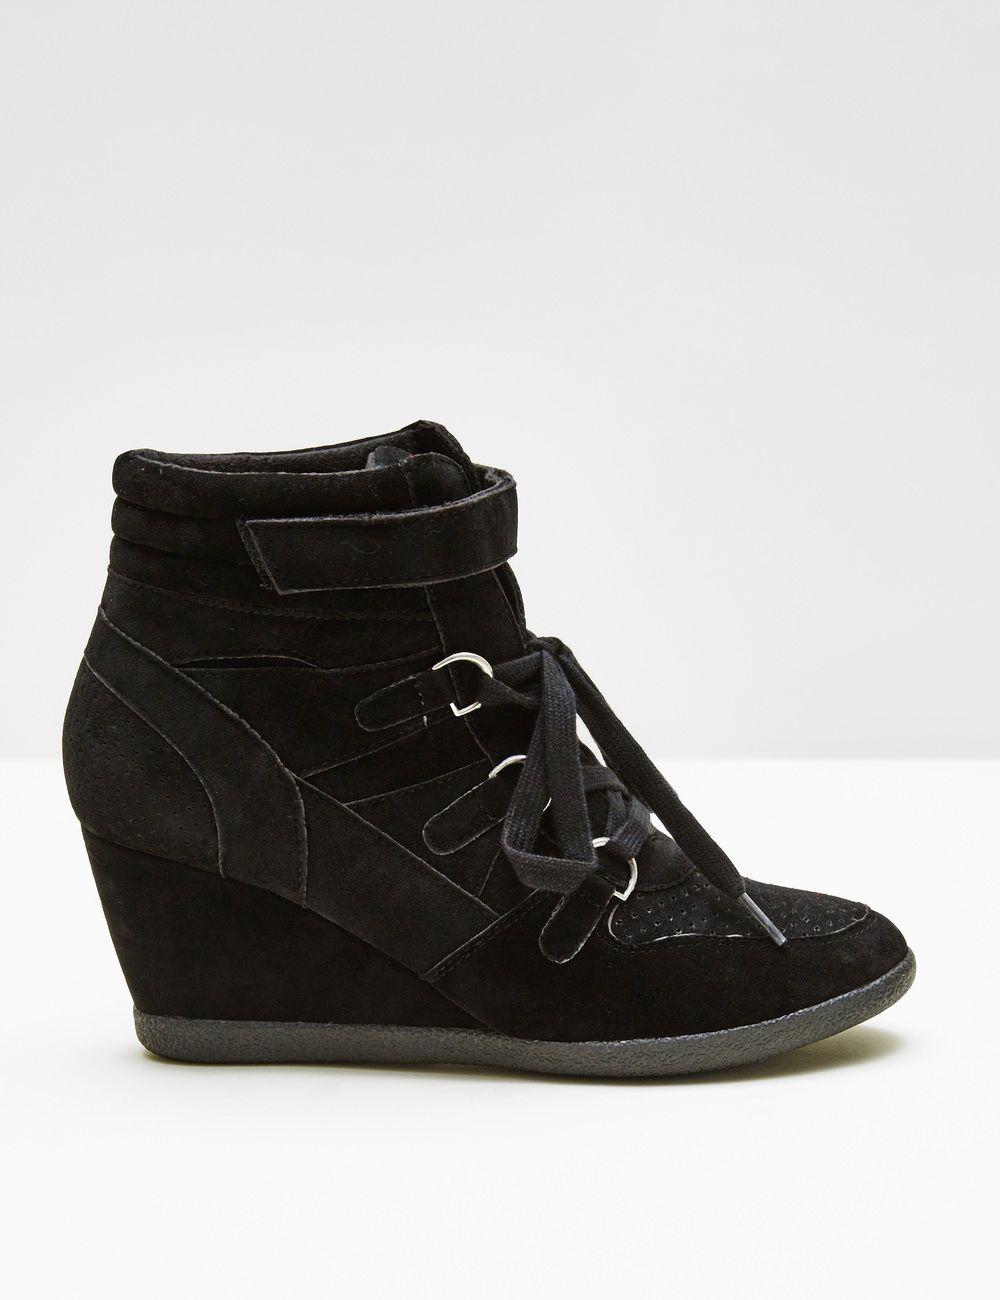 JennyferChaussure Sneakers Baskets • Femme Noires Compensées R4LAj5